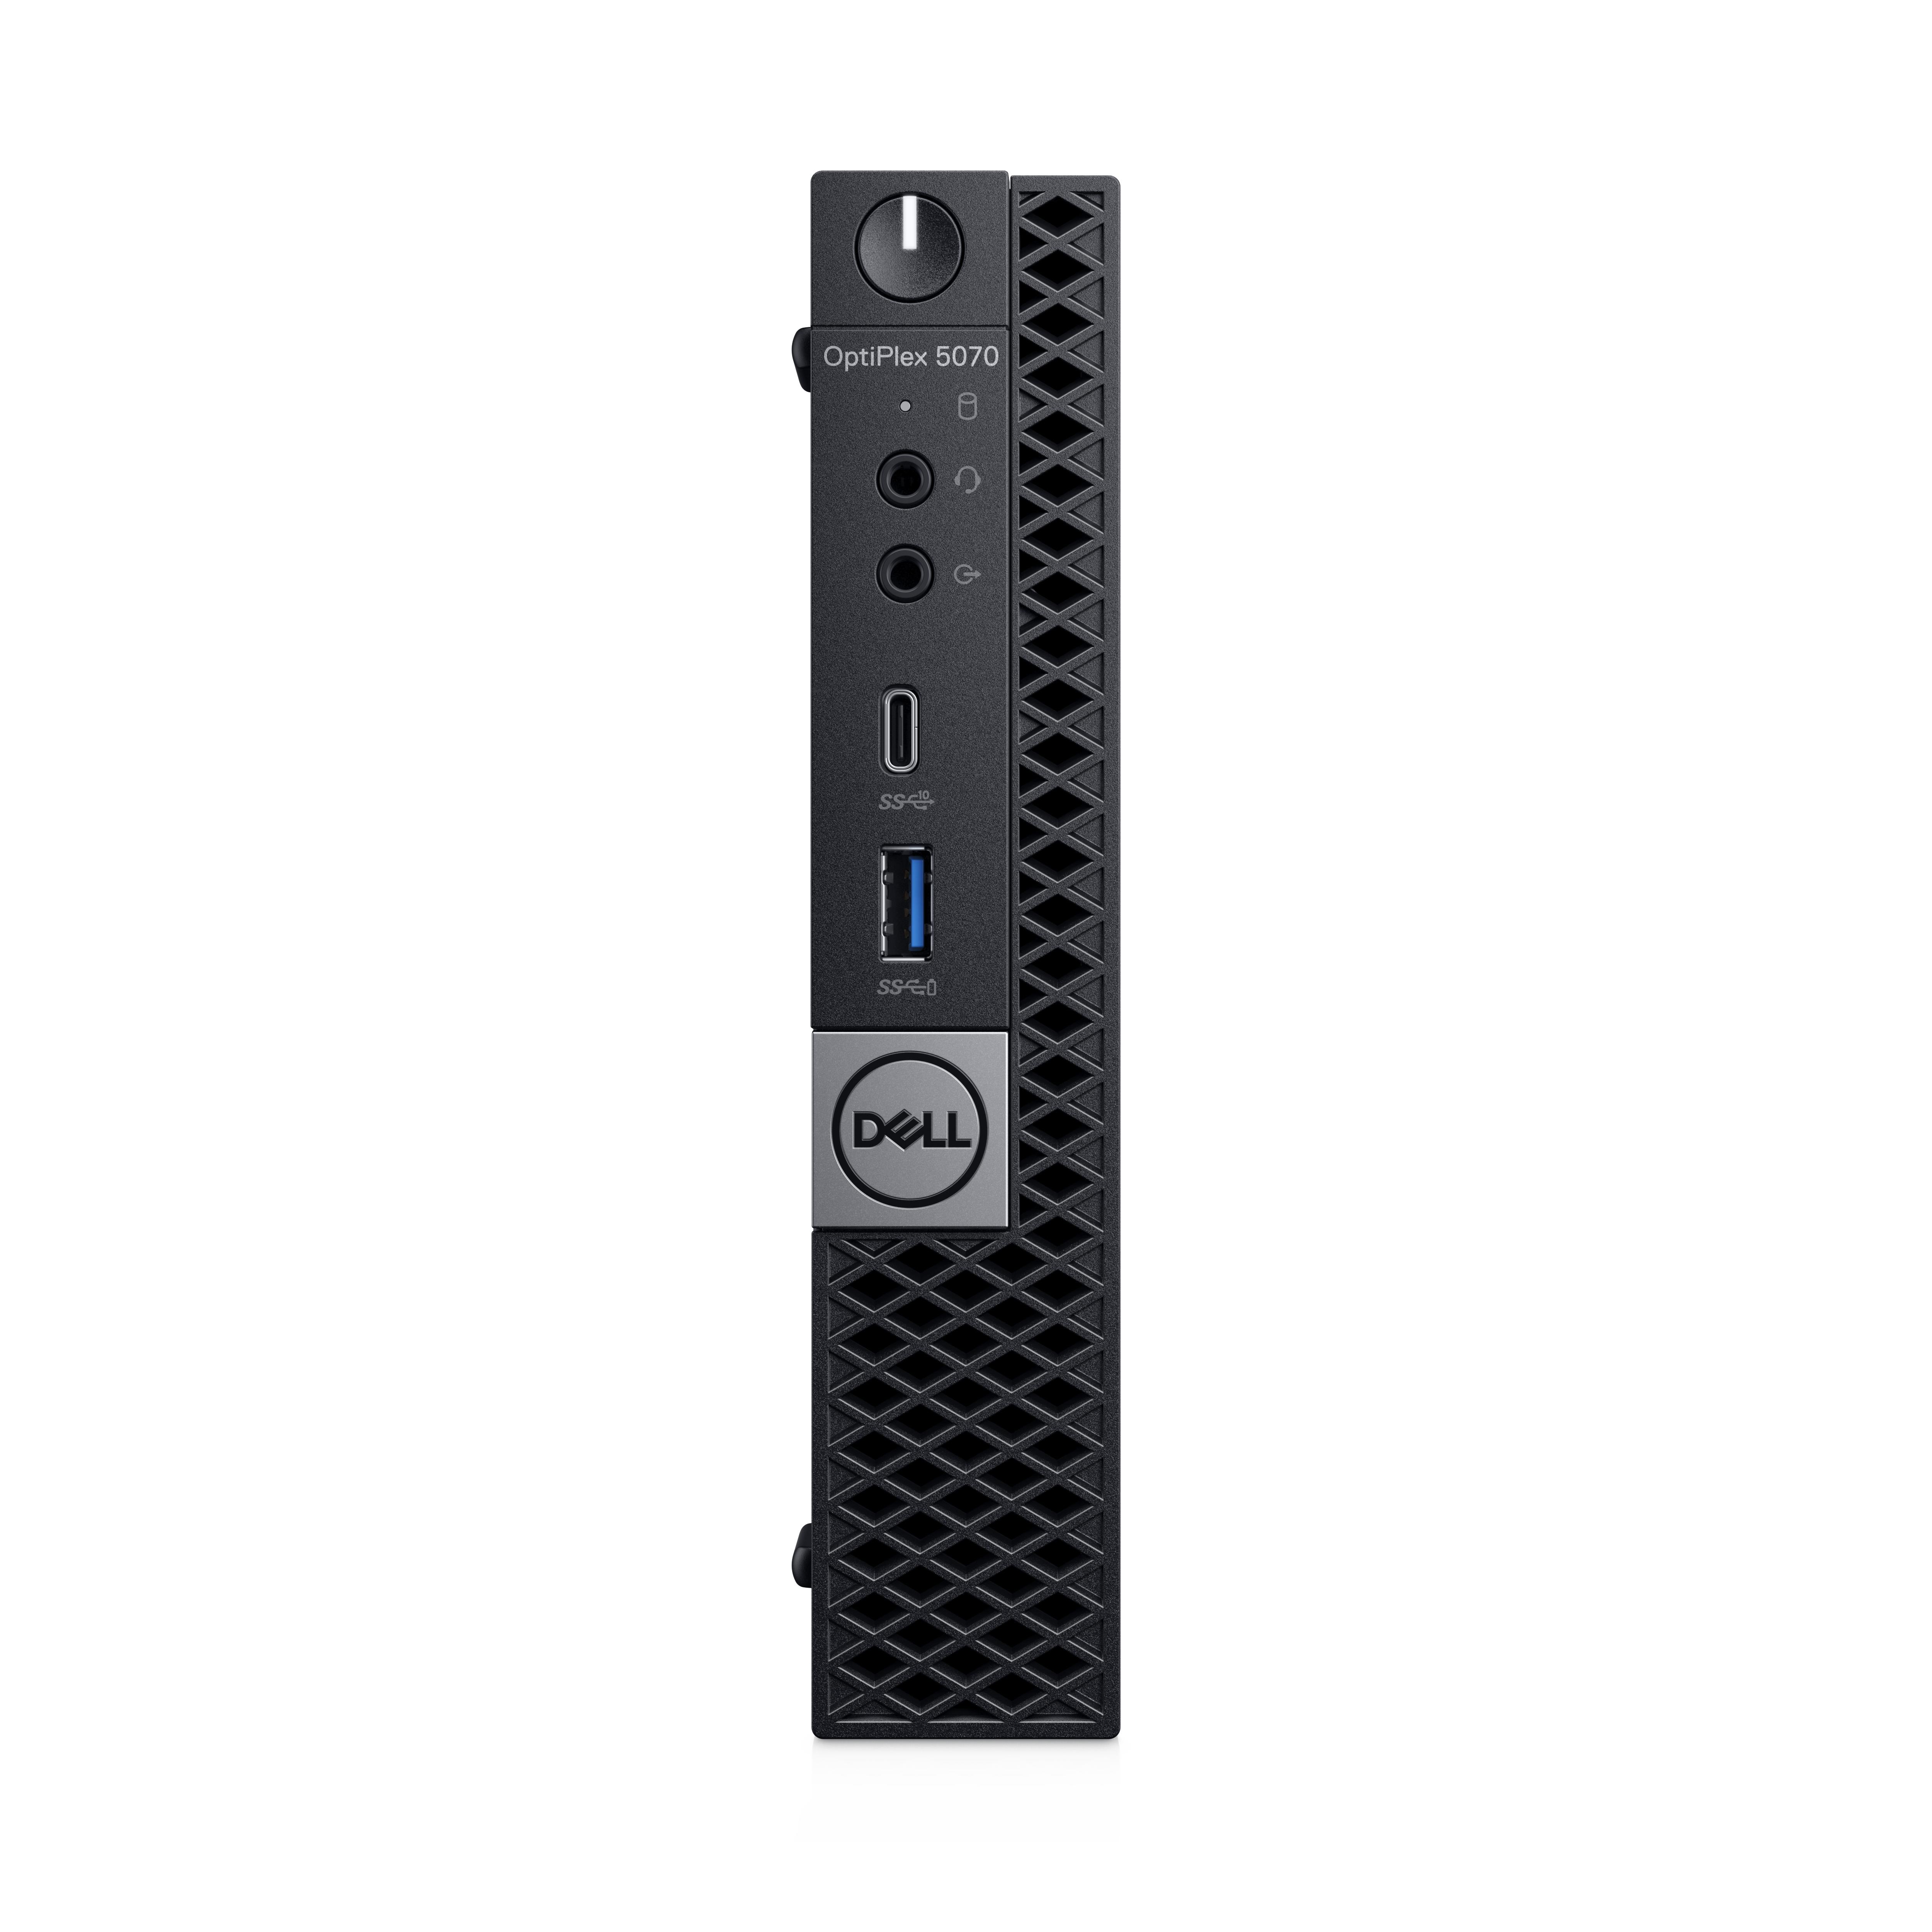 Dell Optiplex 5070 - Komplettsystem - Core i5 2,2 GHz - RAM: 8 GB DDR4 - HDD: 256 GB - UHD Graphics 600